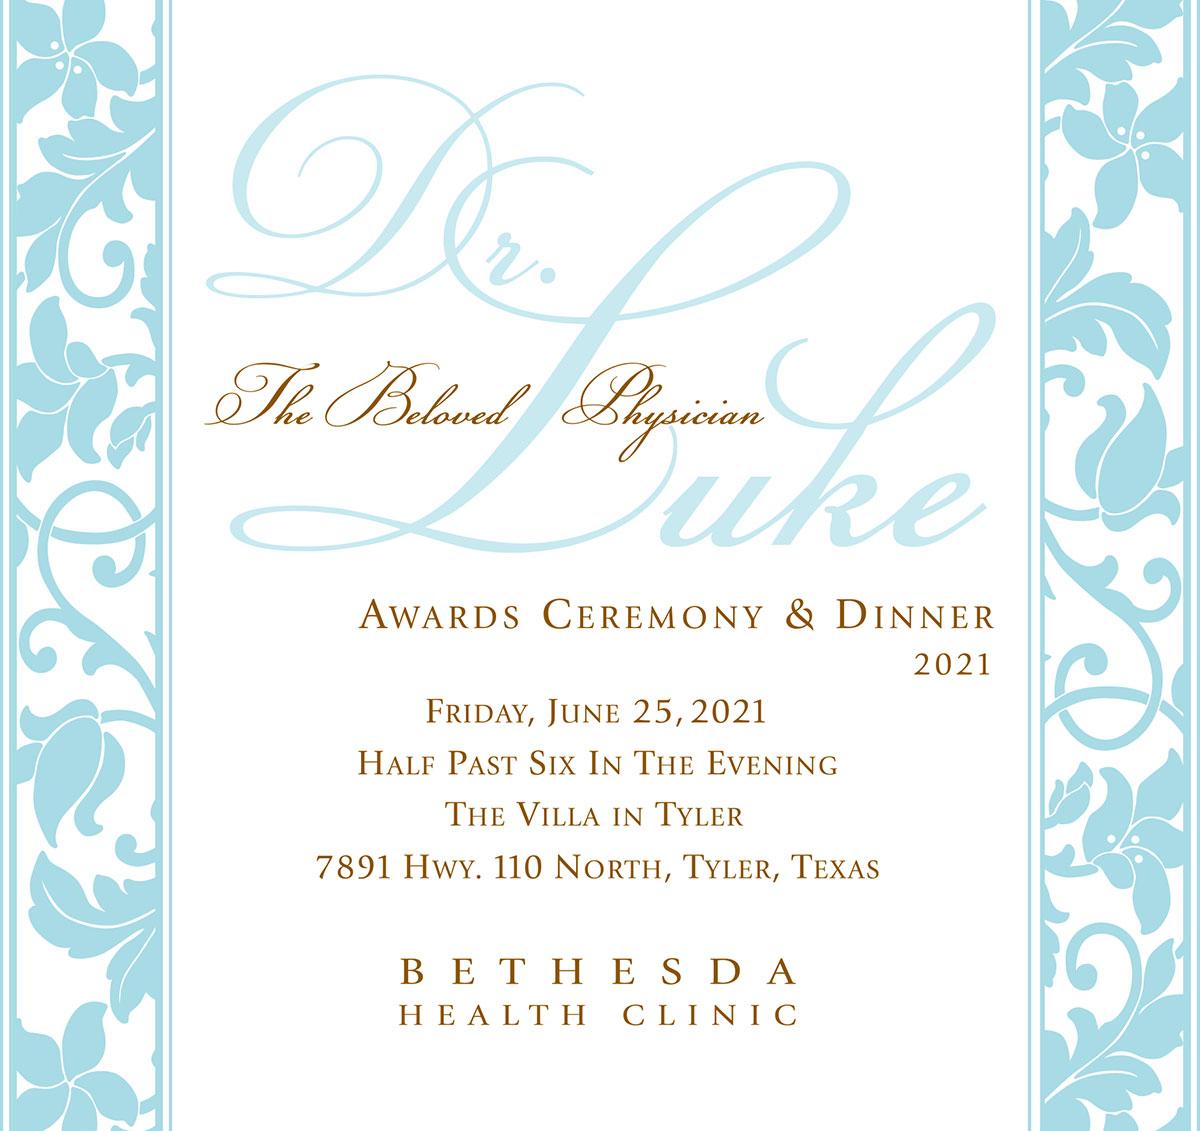 Doctor Luke Society Awards Ceremony & Dinner 2021